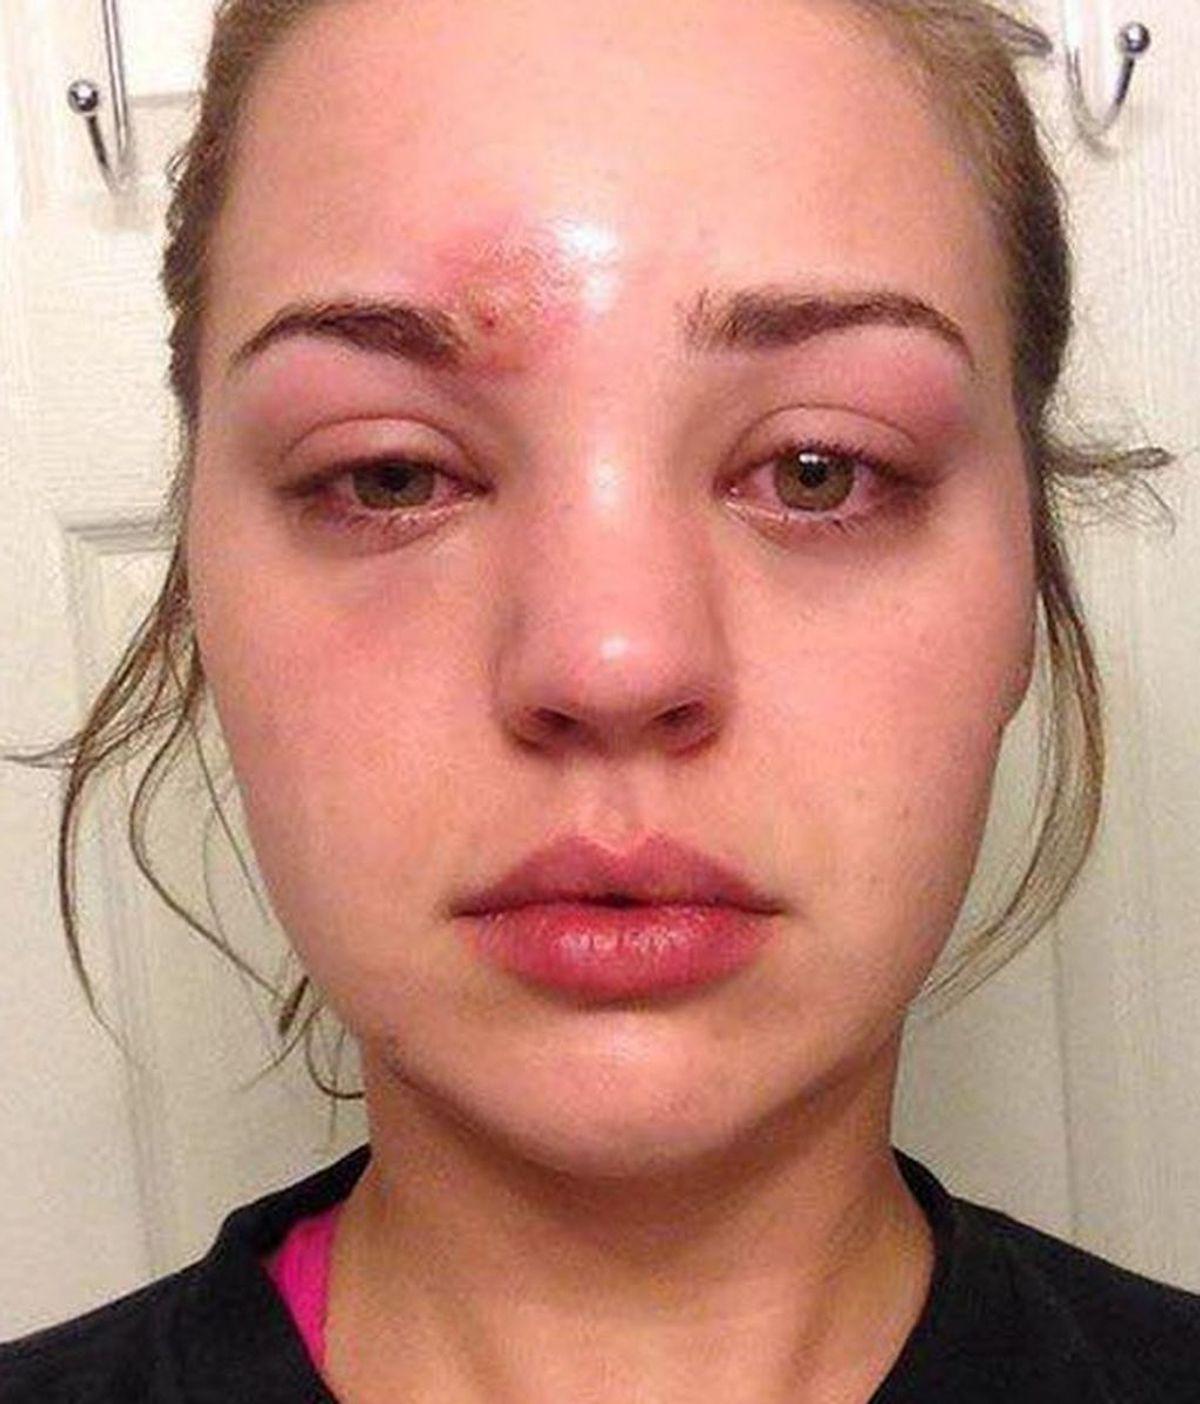 La terrible historia de Katie Wright: Una espinilla casi le cuesta la vida